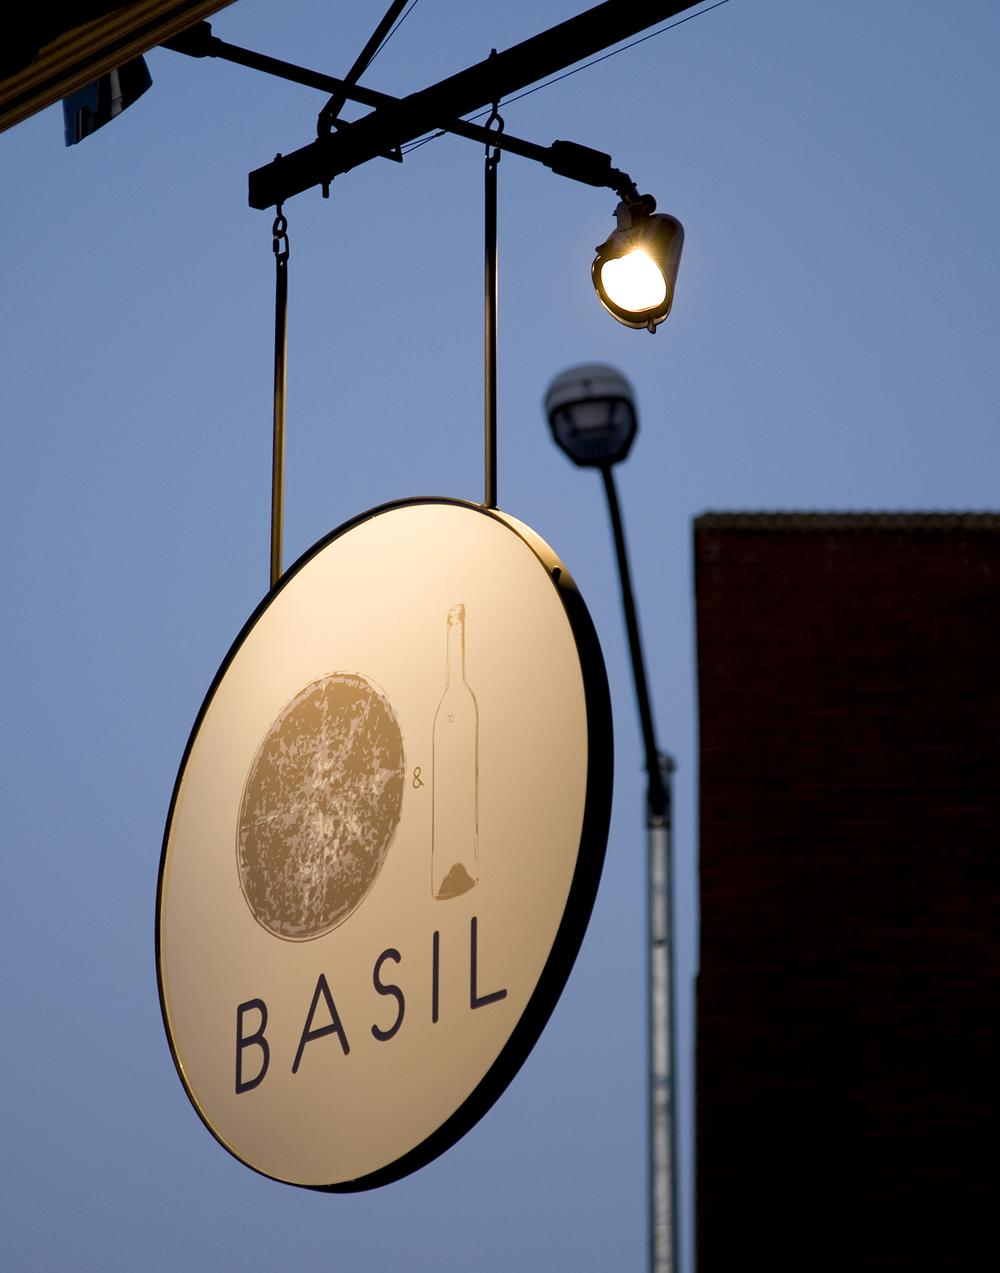 BASIL06.jpg